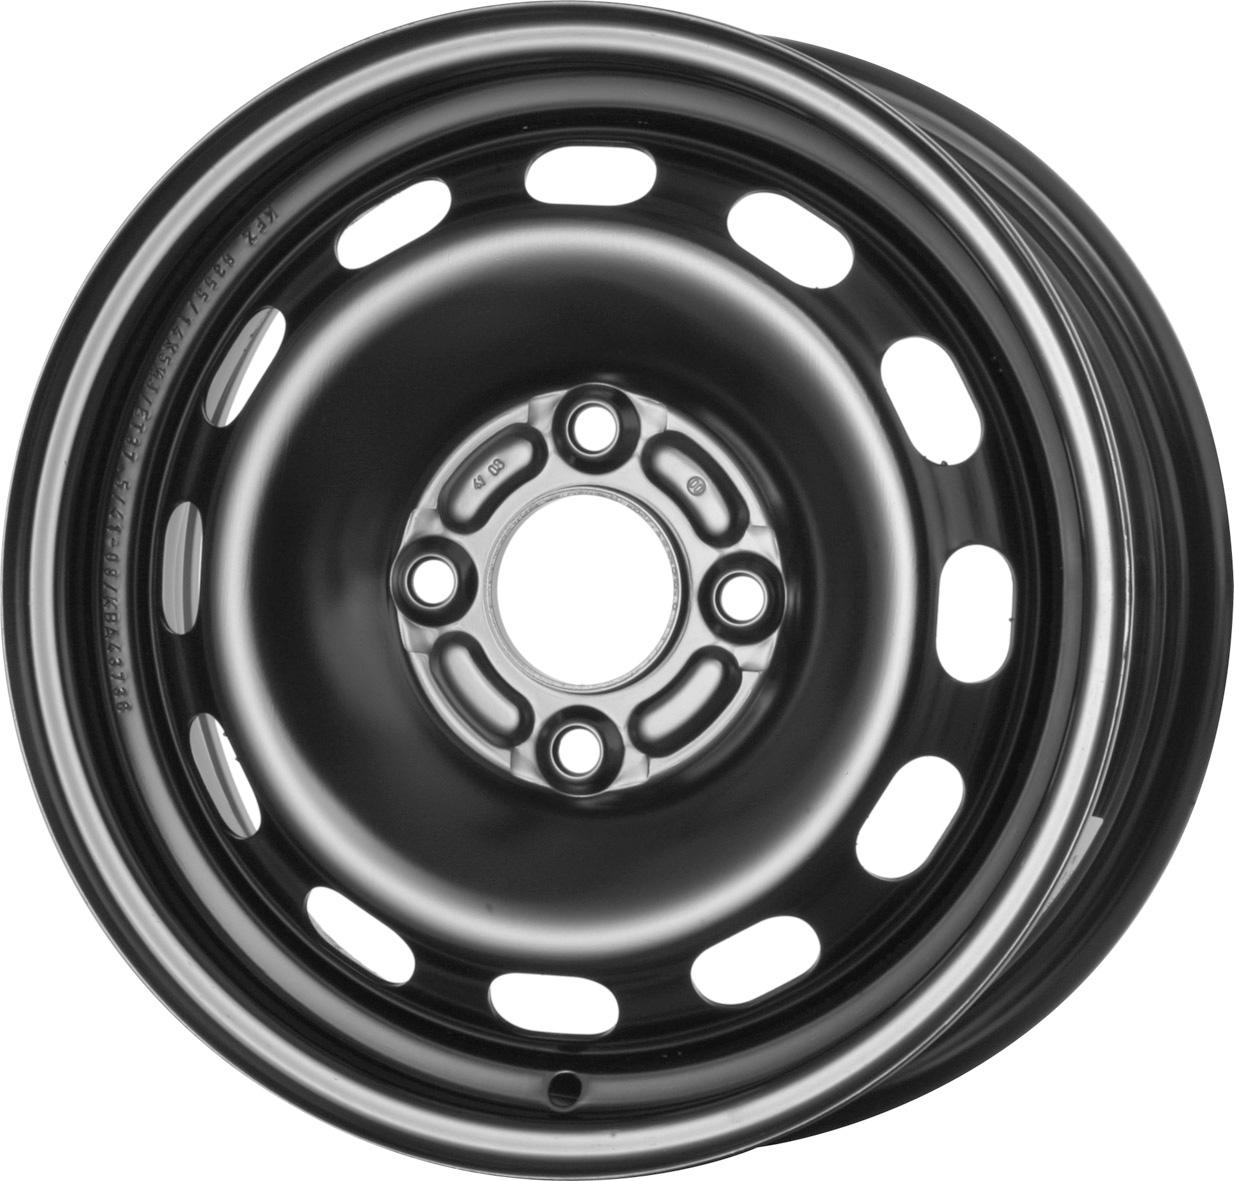 Vorschau: 14″ Stahlrad Sommer für Ford Fiesta 1.5 TDCi (JR8) Kumho KH27 175/65 R14 82T